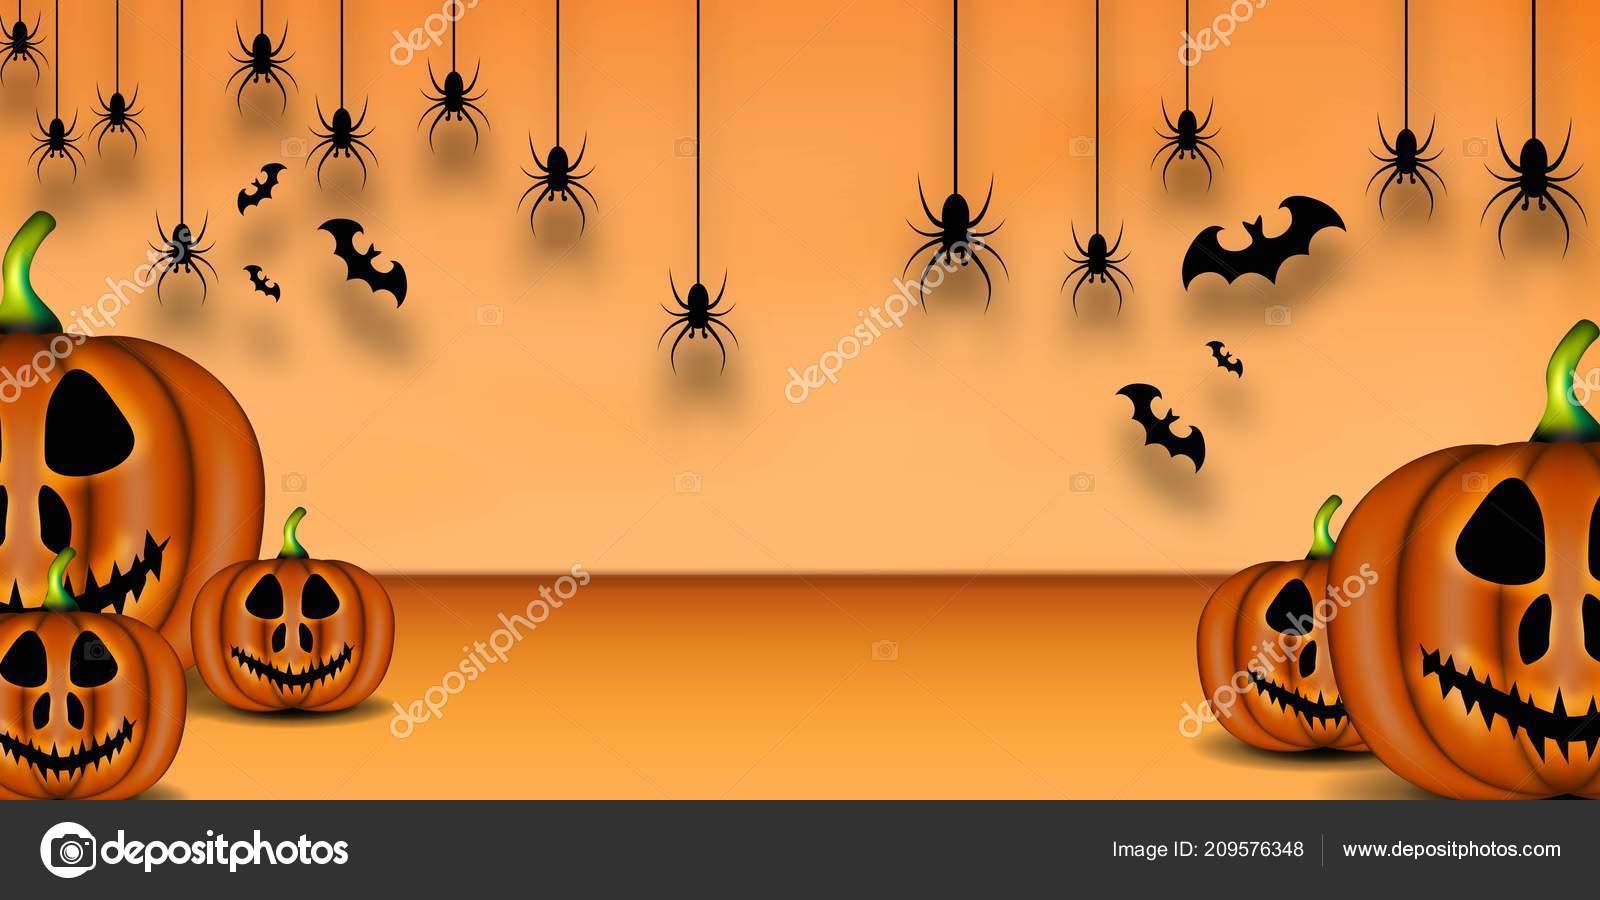 happy halloween background pumpkin bat spider background stock